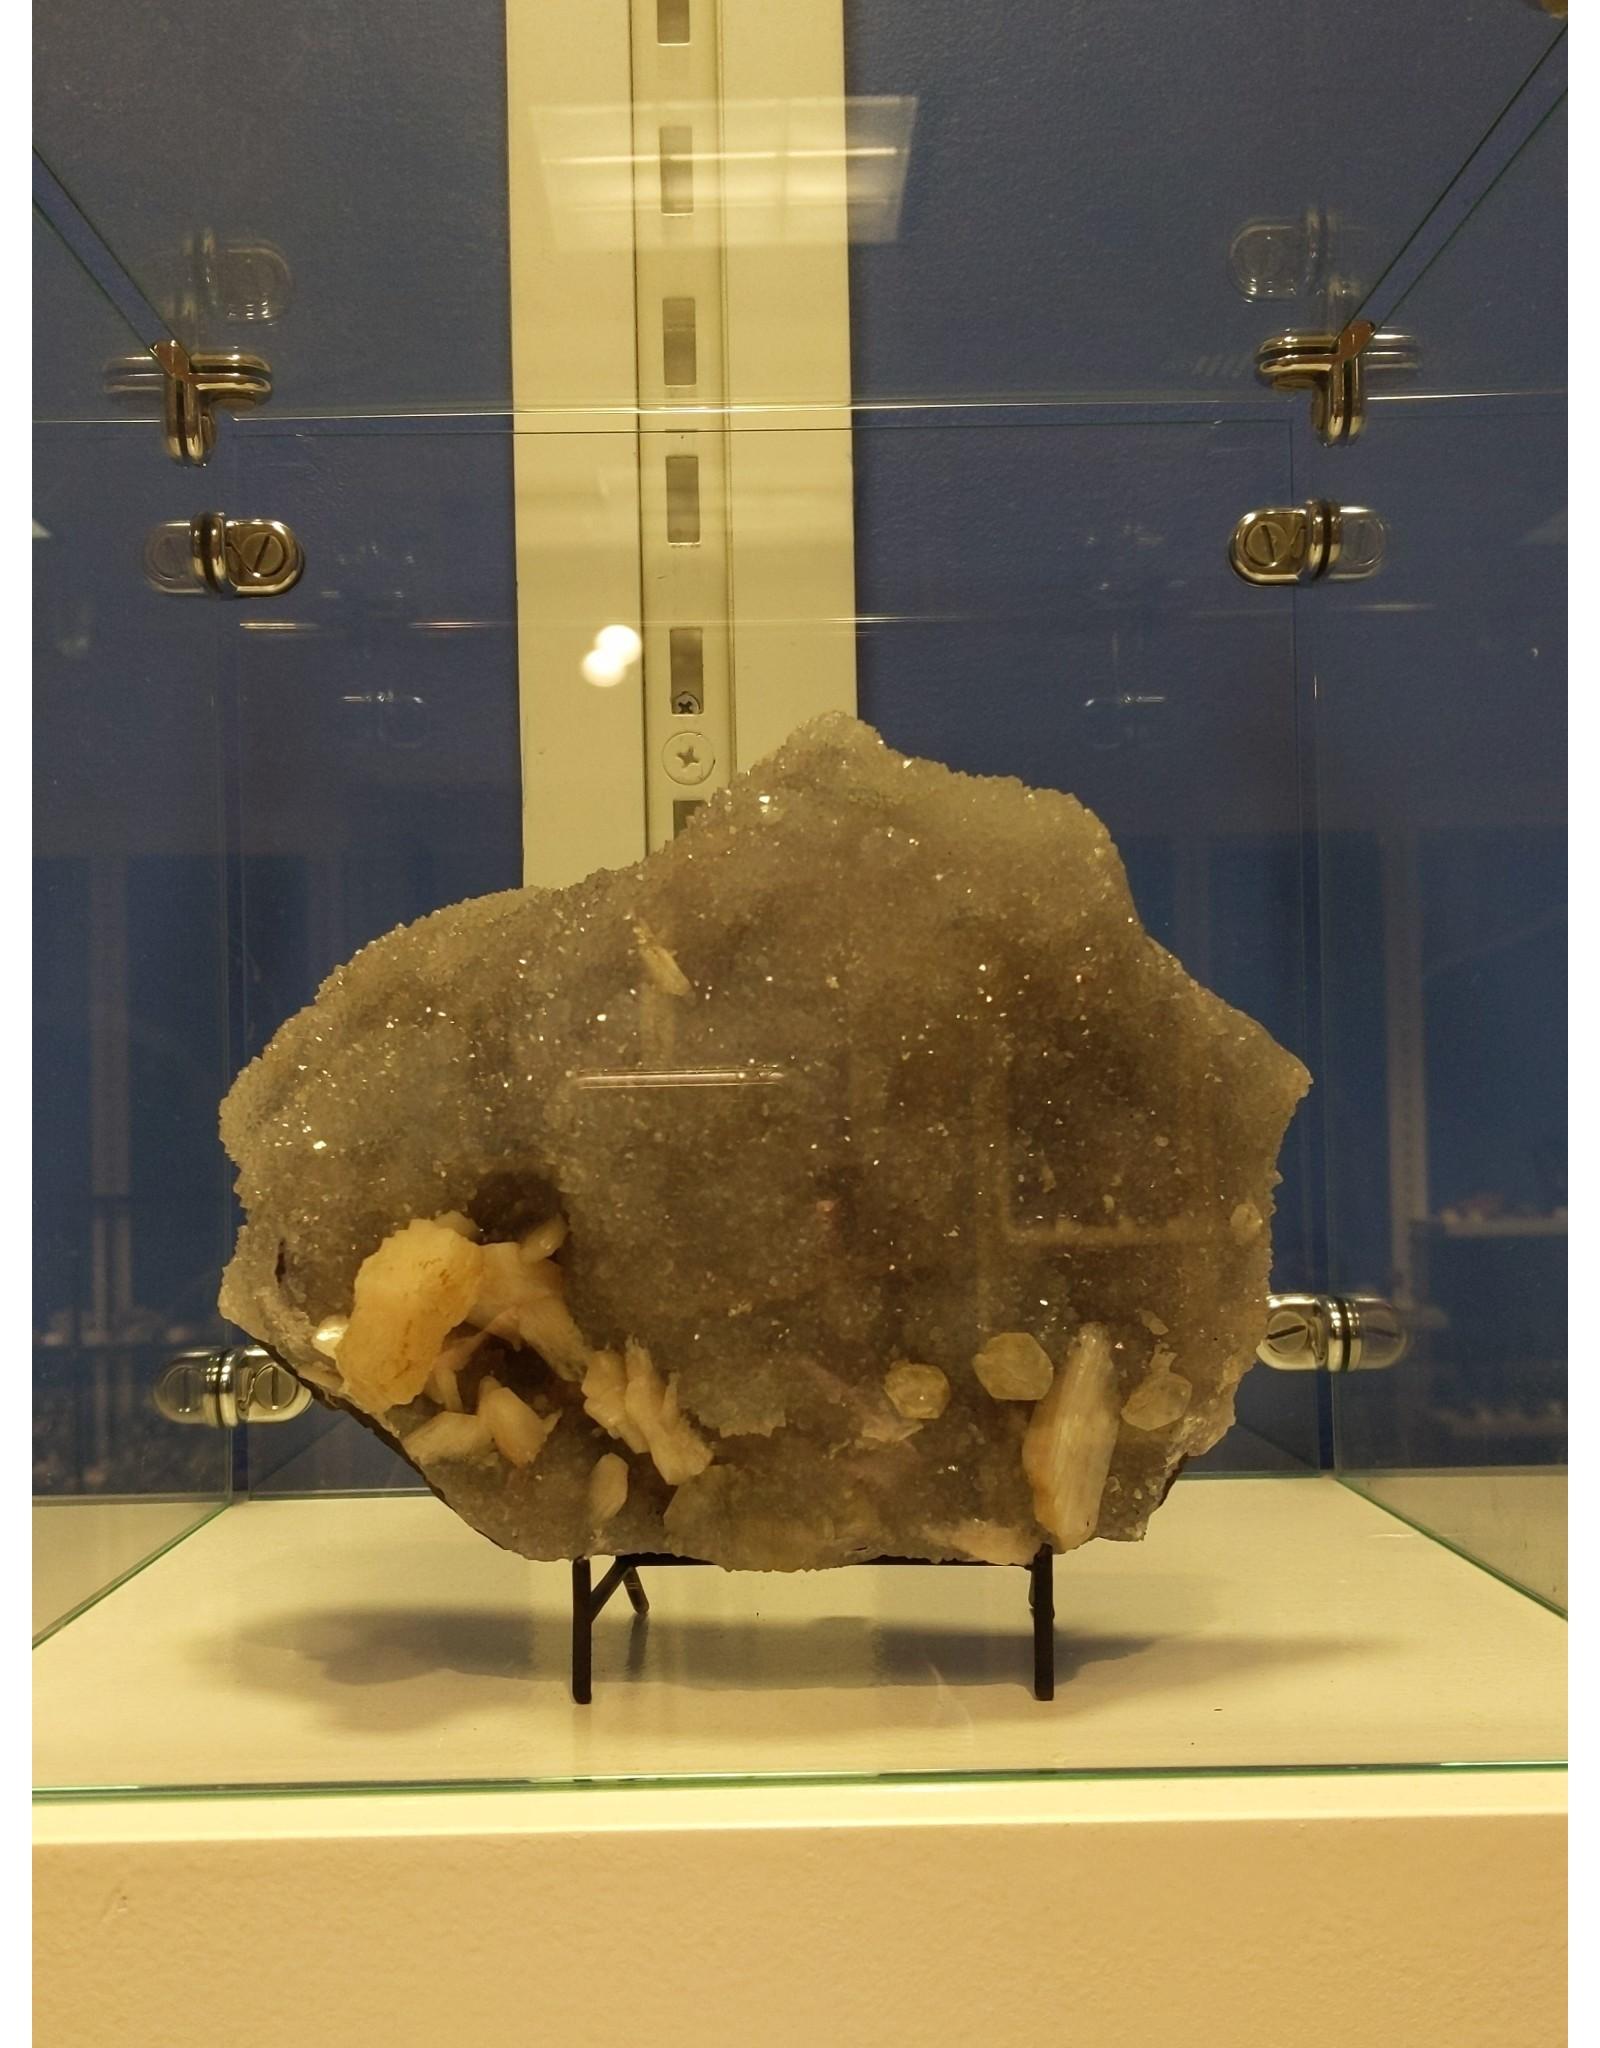 Stilbite, Apophyllite and Quartz (India)